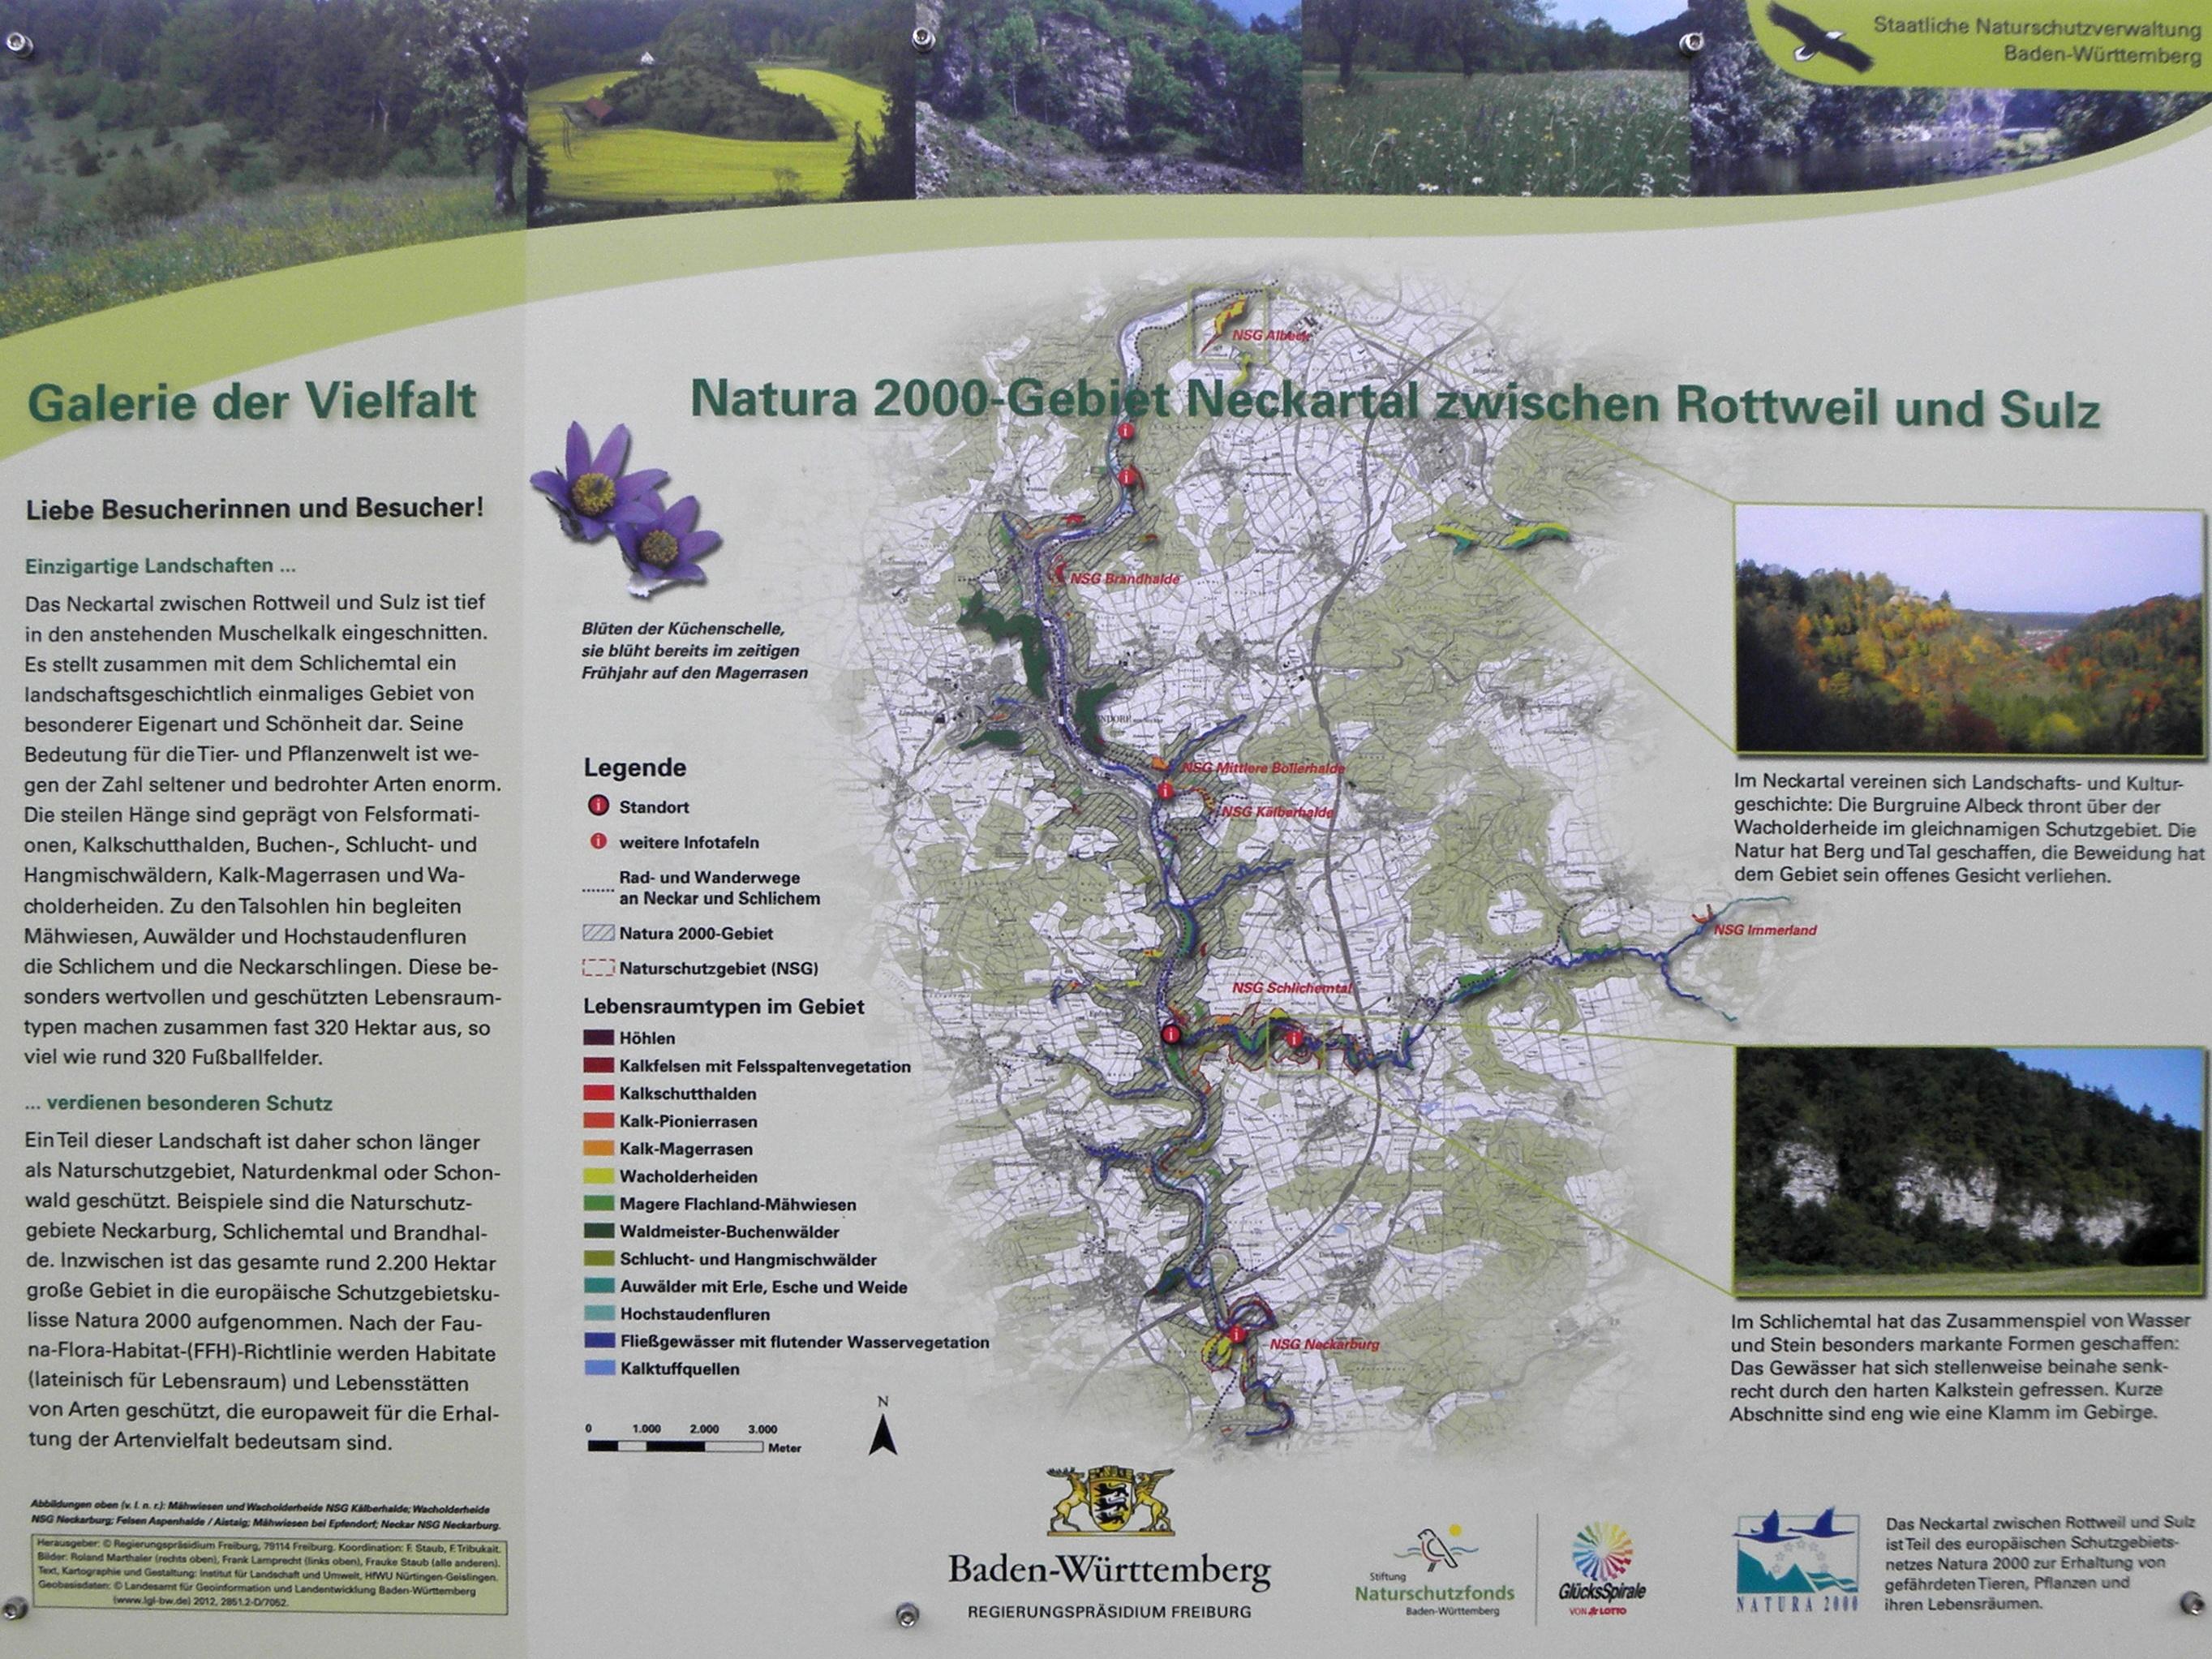 Naturschutzgebiet Schlichemtal